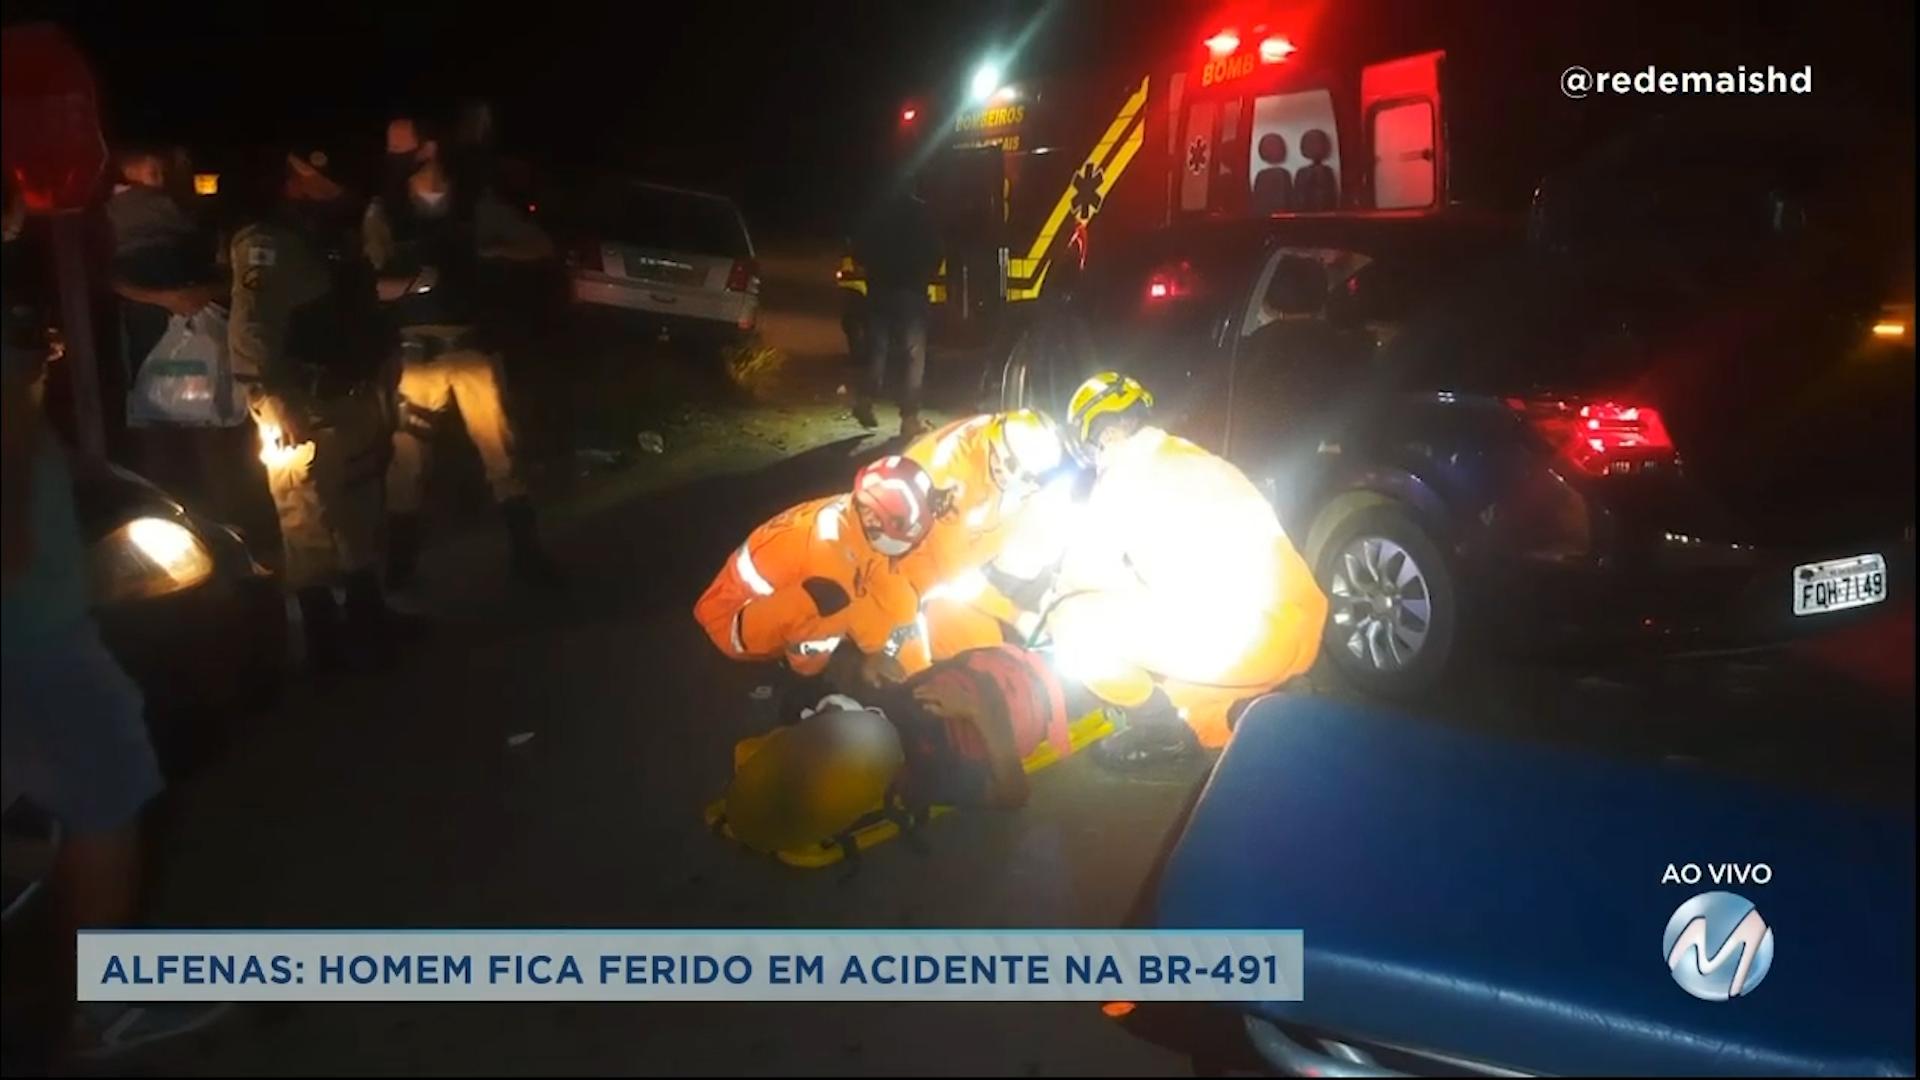 Alfenas: homem fica ferido em acidente